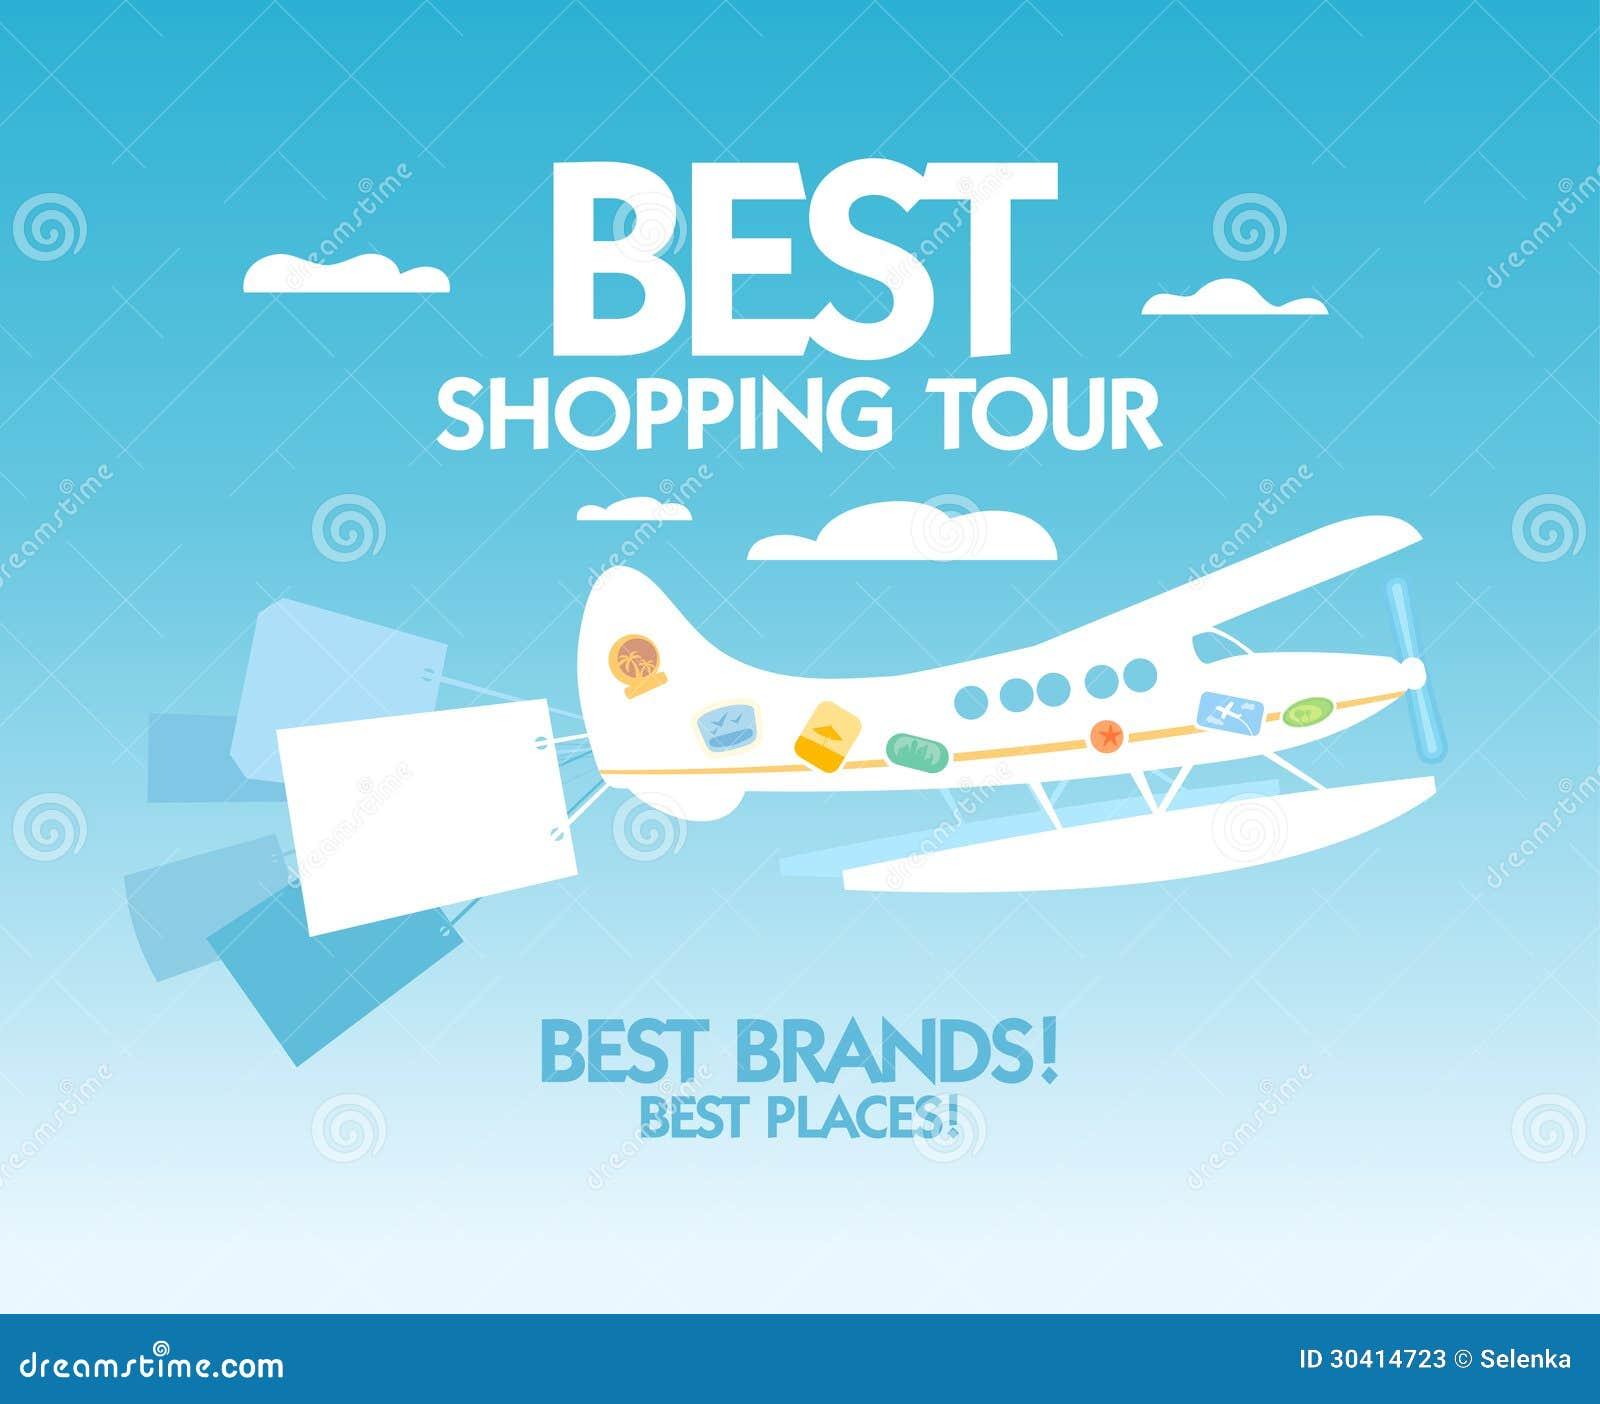 Best shopping tour design template.